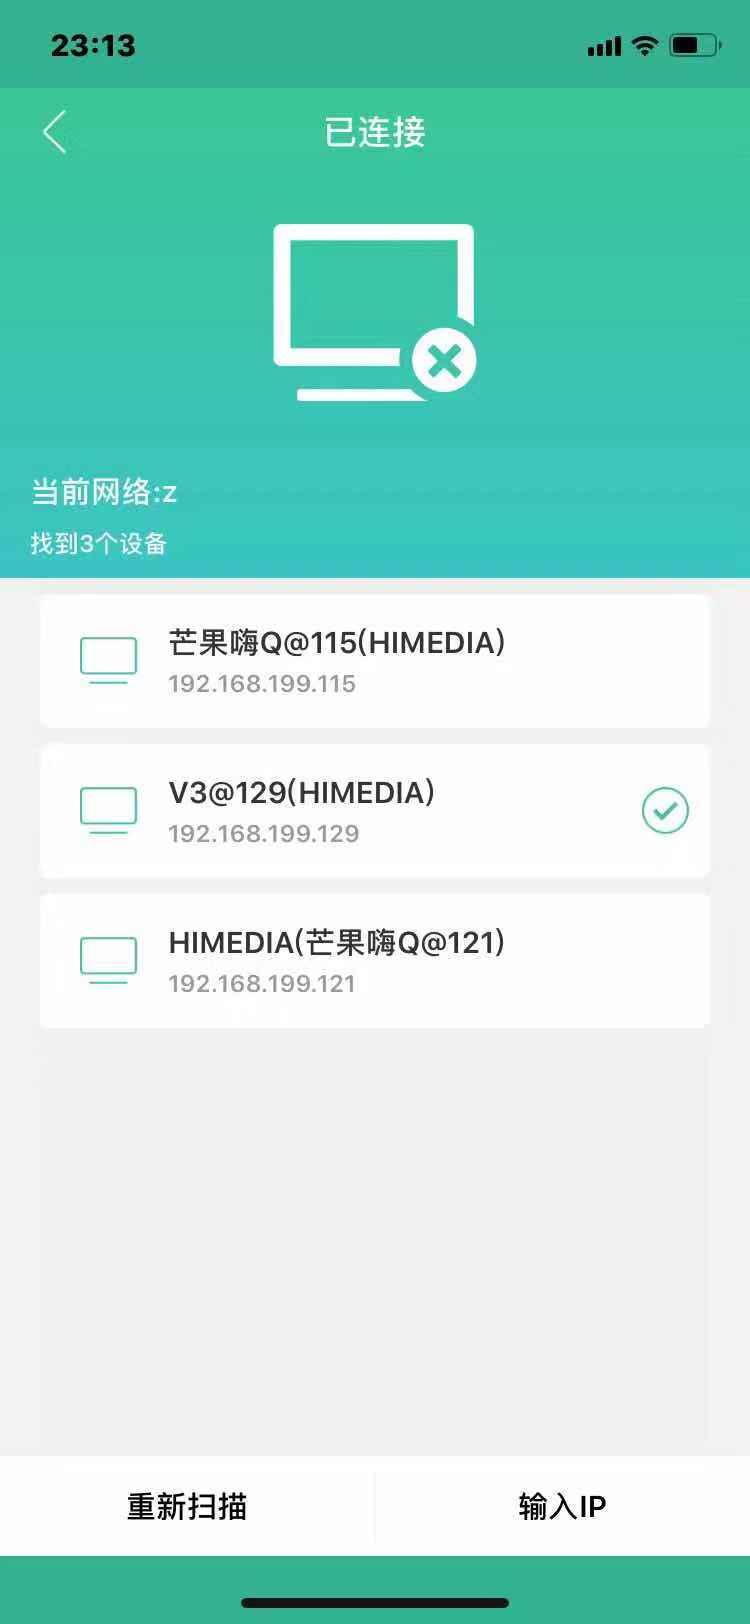 QQ图片20181126111414.jpg